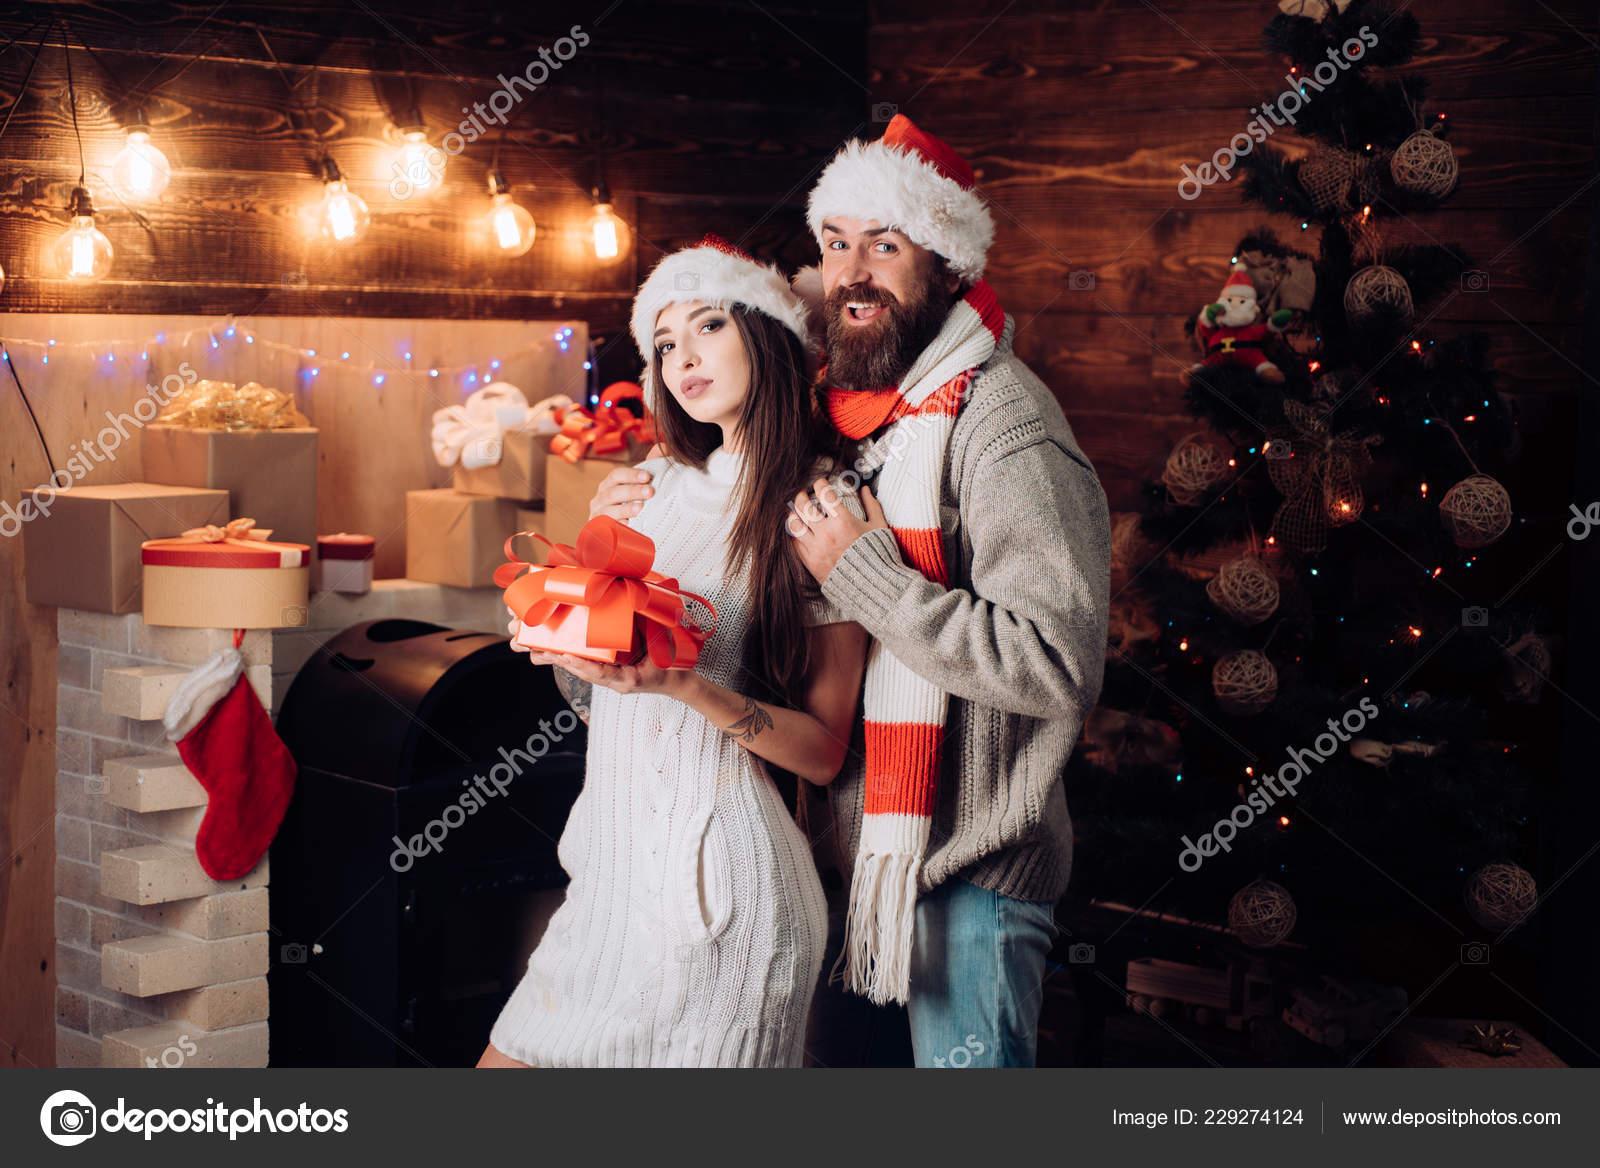 Regali Natale Per Coppia Di Amici.Amici Allegri In Natale A Casa Coppia Sposata Di Natale Migliori